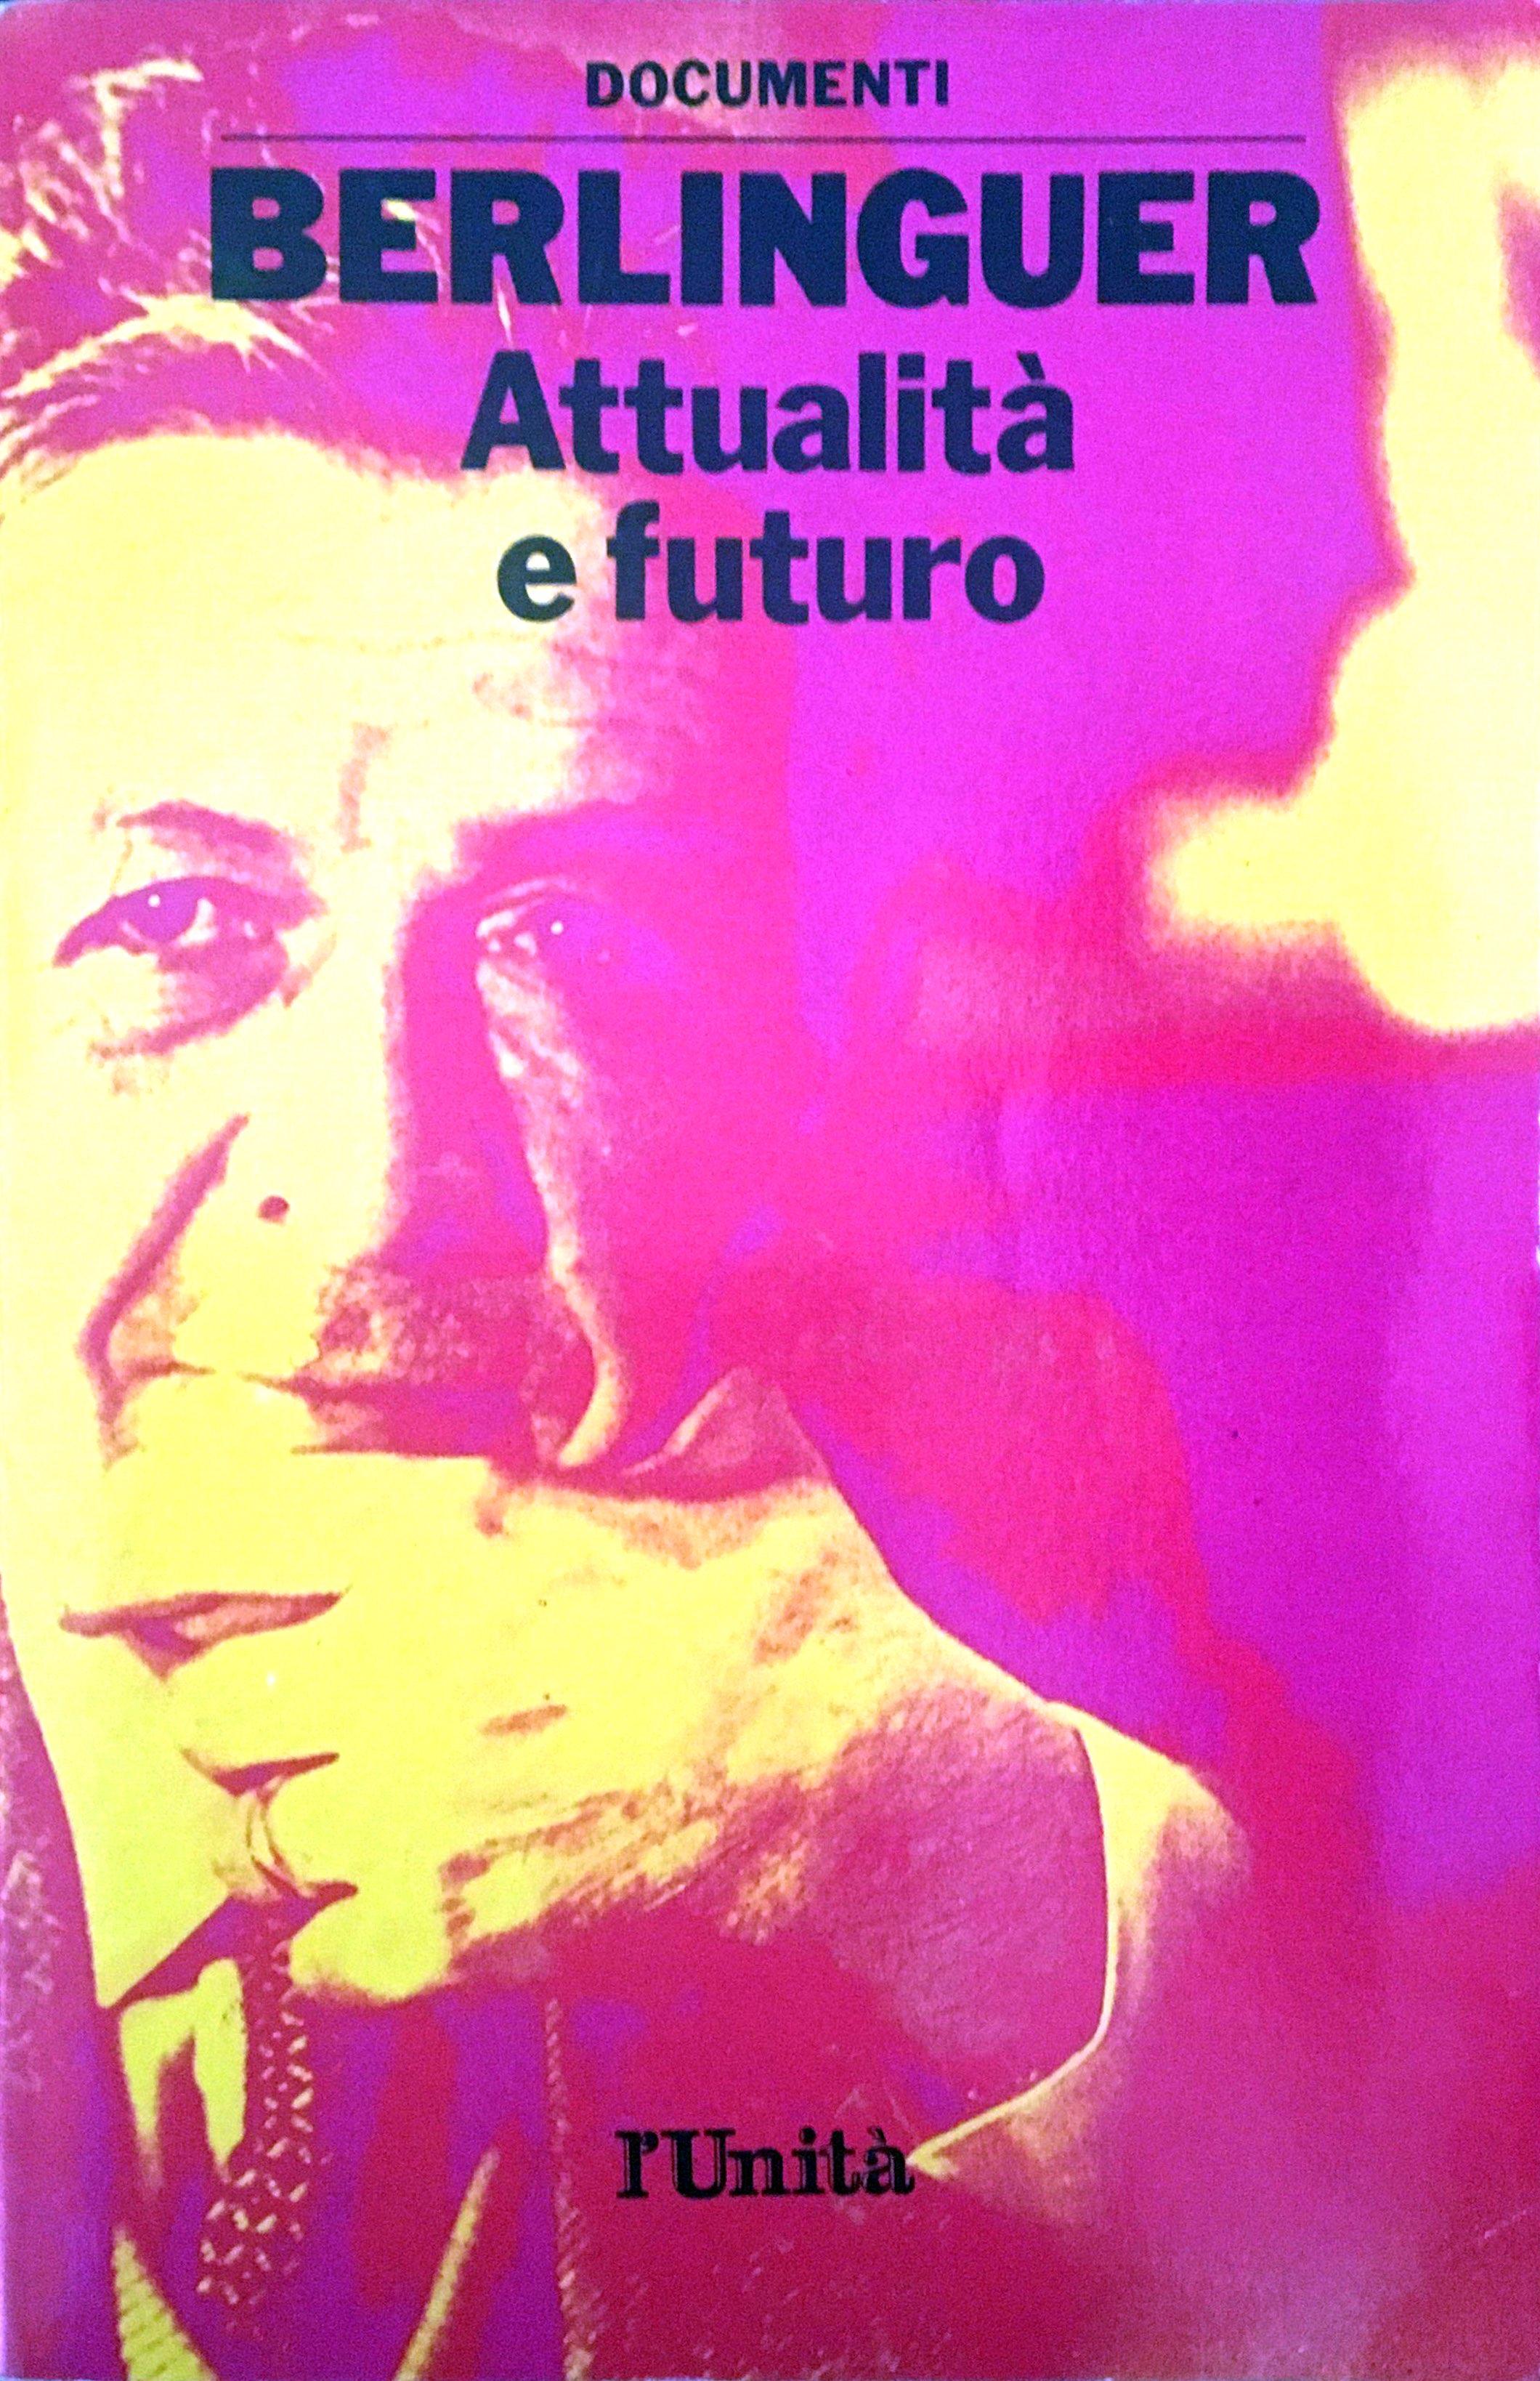 Berlinguer attualità e futuro